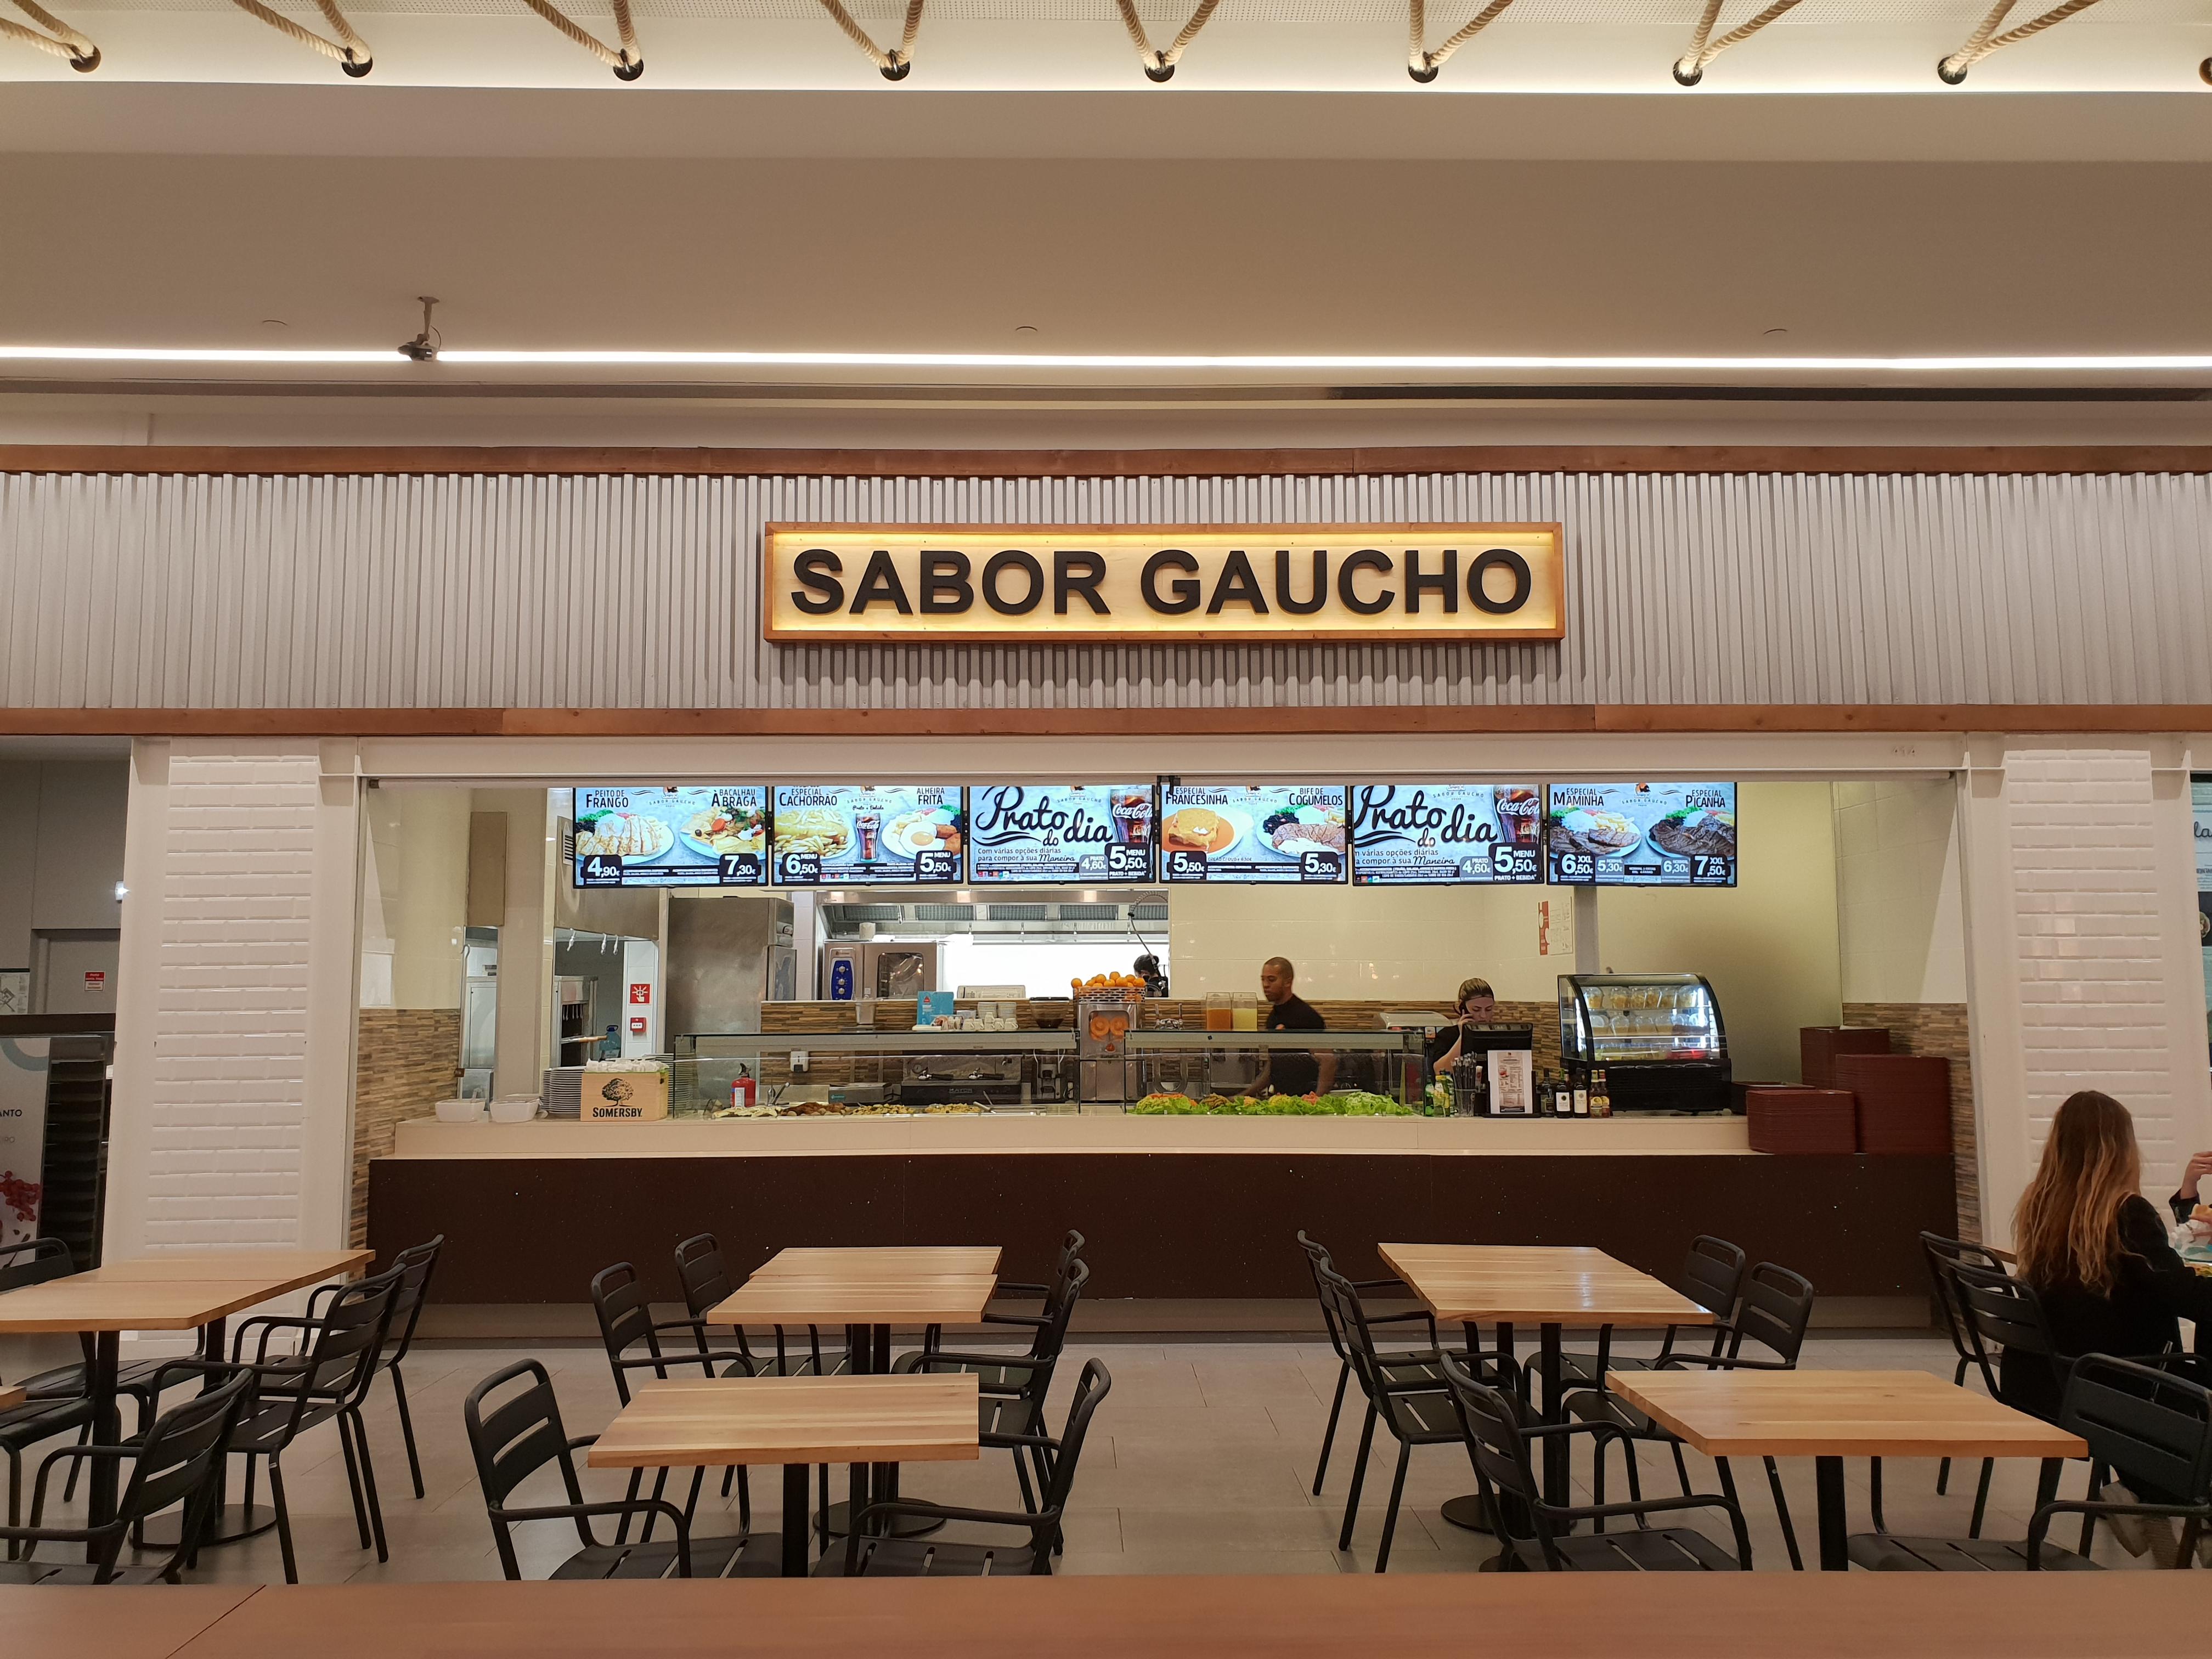 SABOR GAUCHO